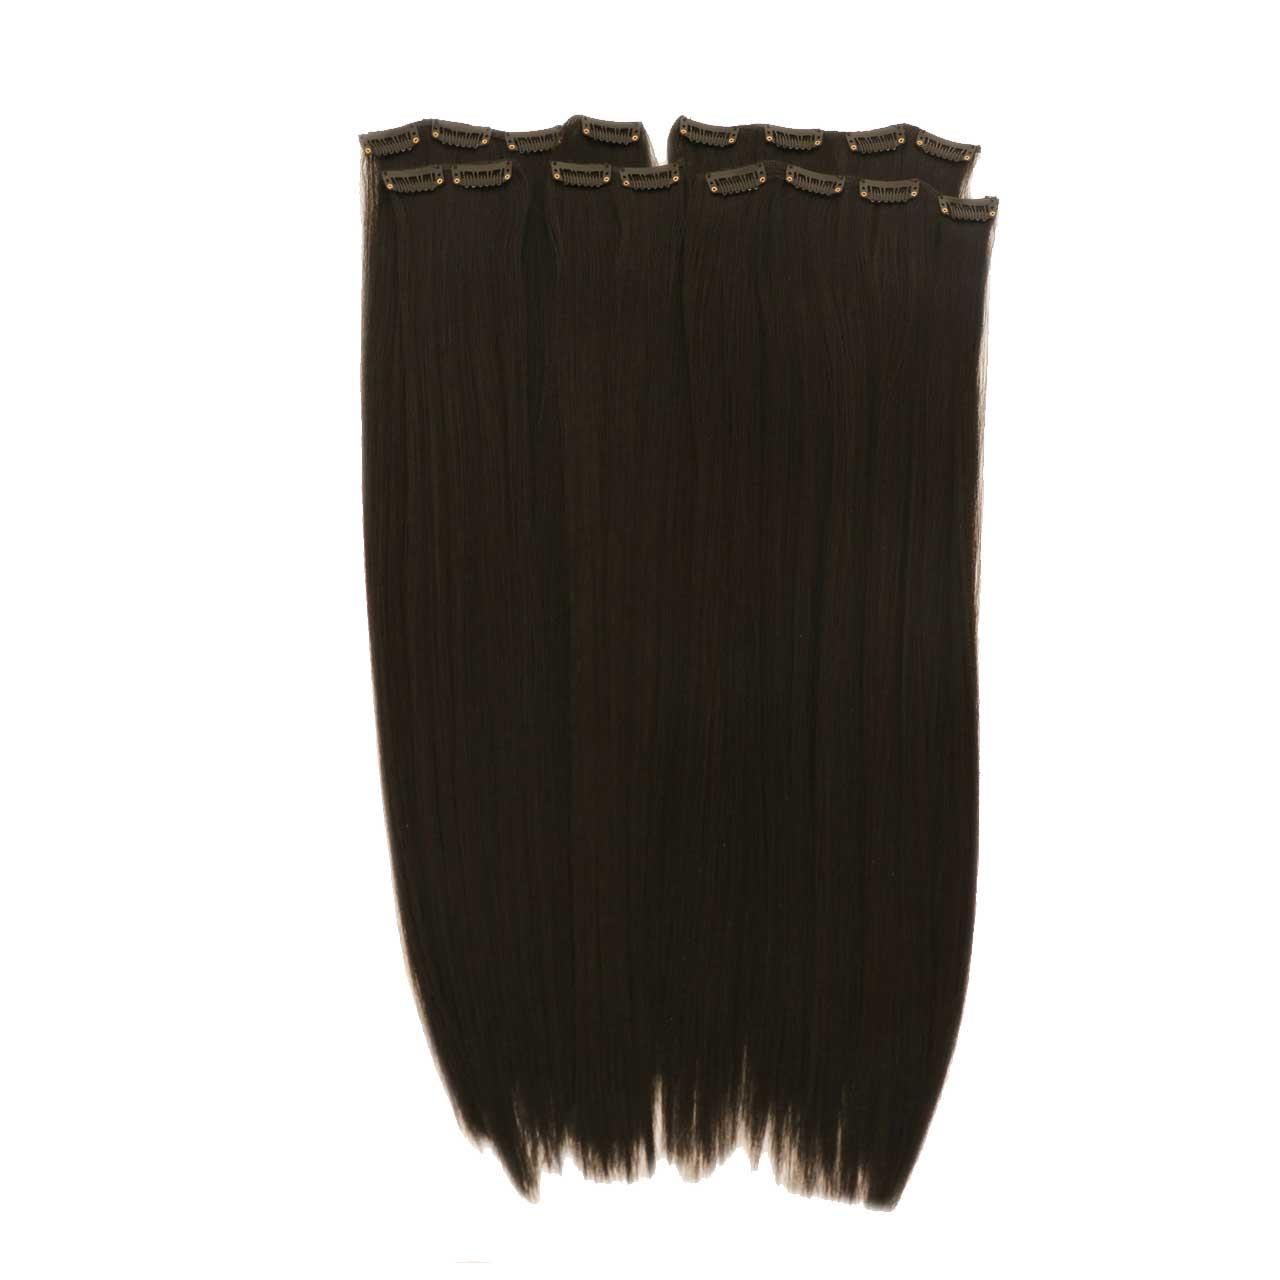 قیمت اکستنشن گیره دار مدل پوش رنگ موی طبیعی 3041c-2